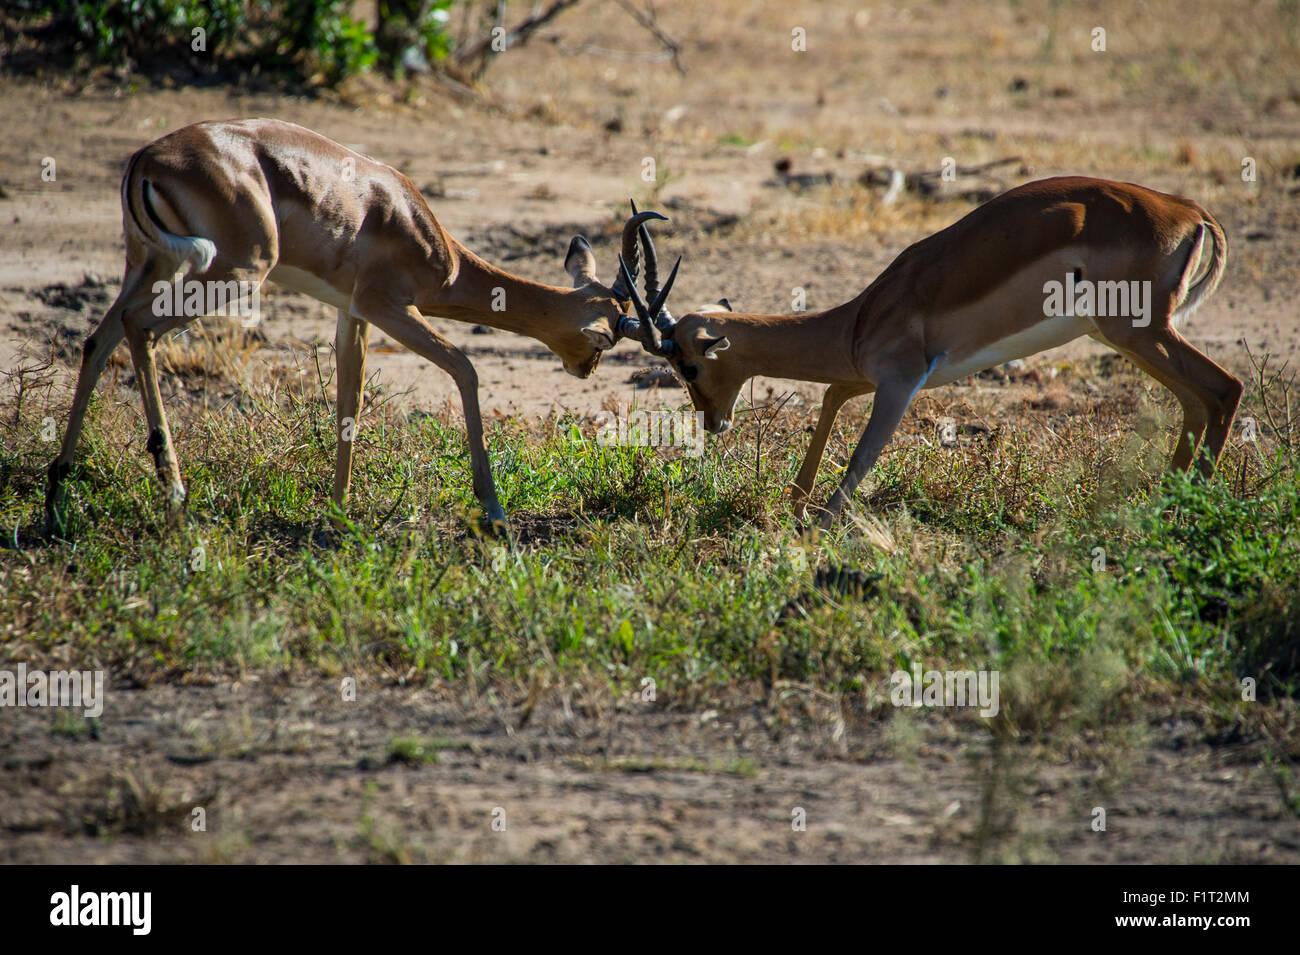 Impala (Aepyceros melampus) fighting in the Liwonde National Park, Malawi, Africa Stock Photo